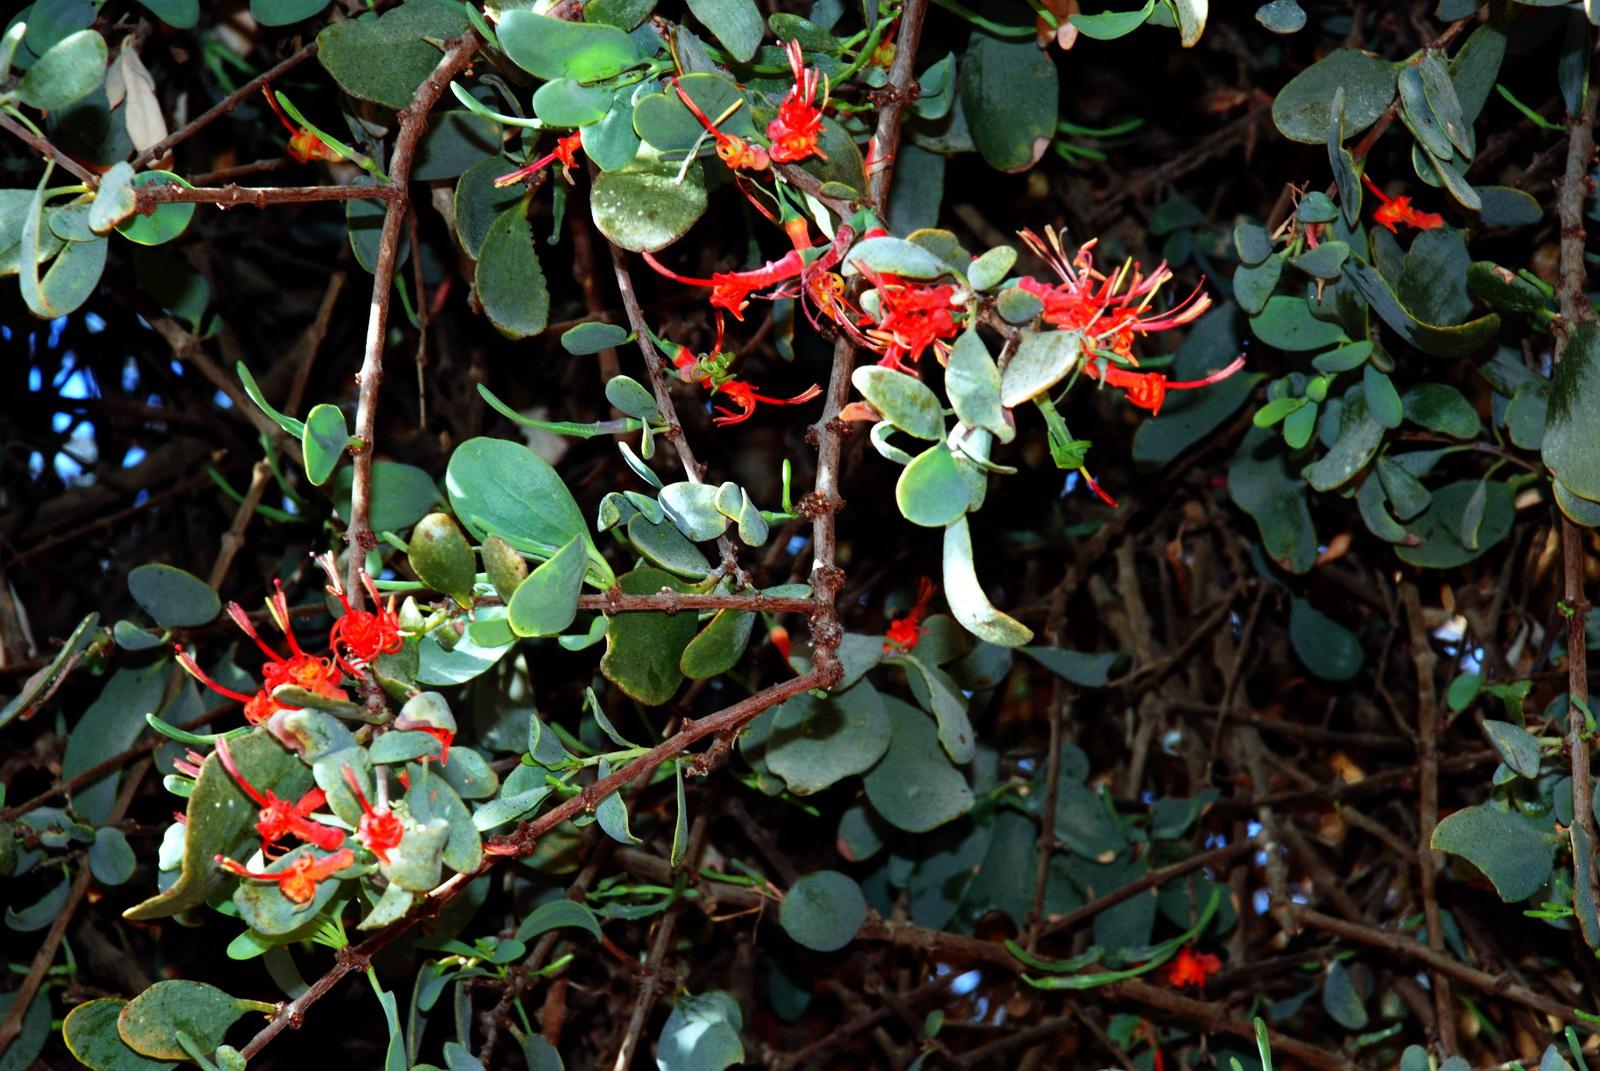 הרנוג השיטים - צמח טפיל החי על על עצי השיטים